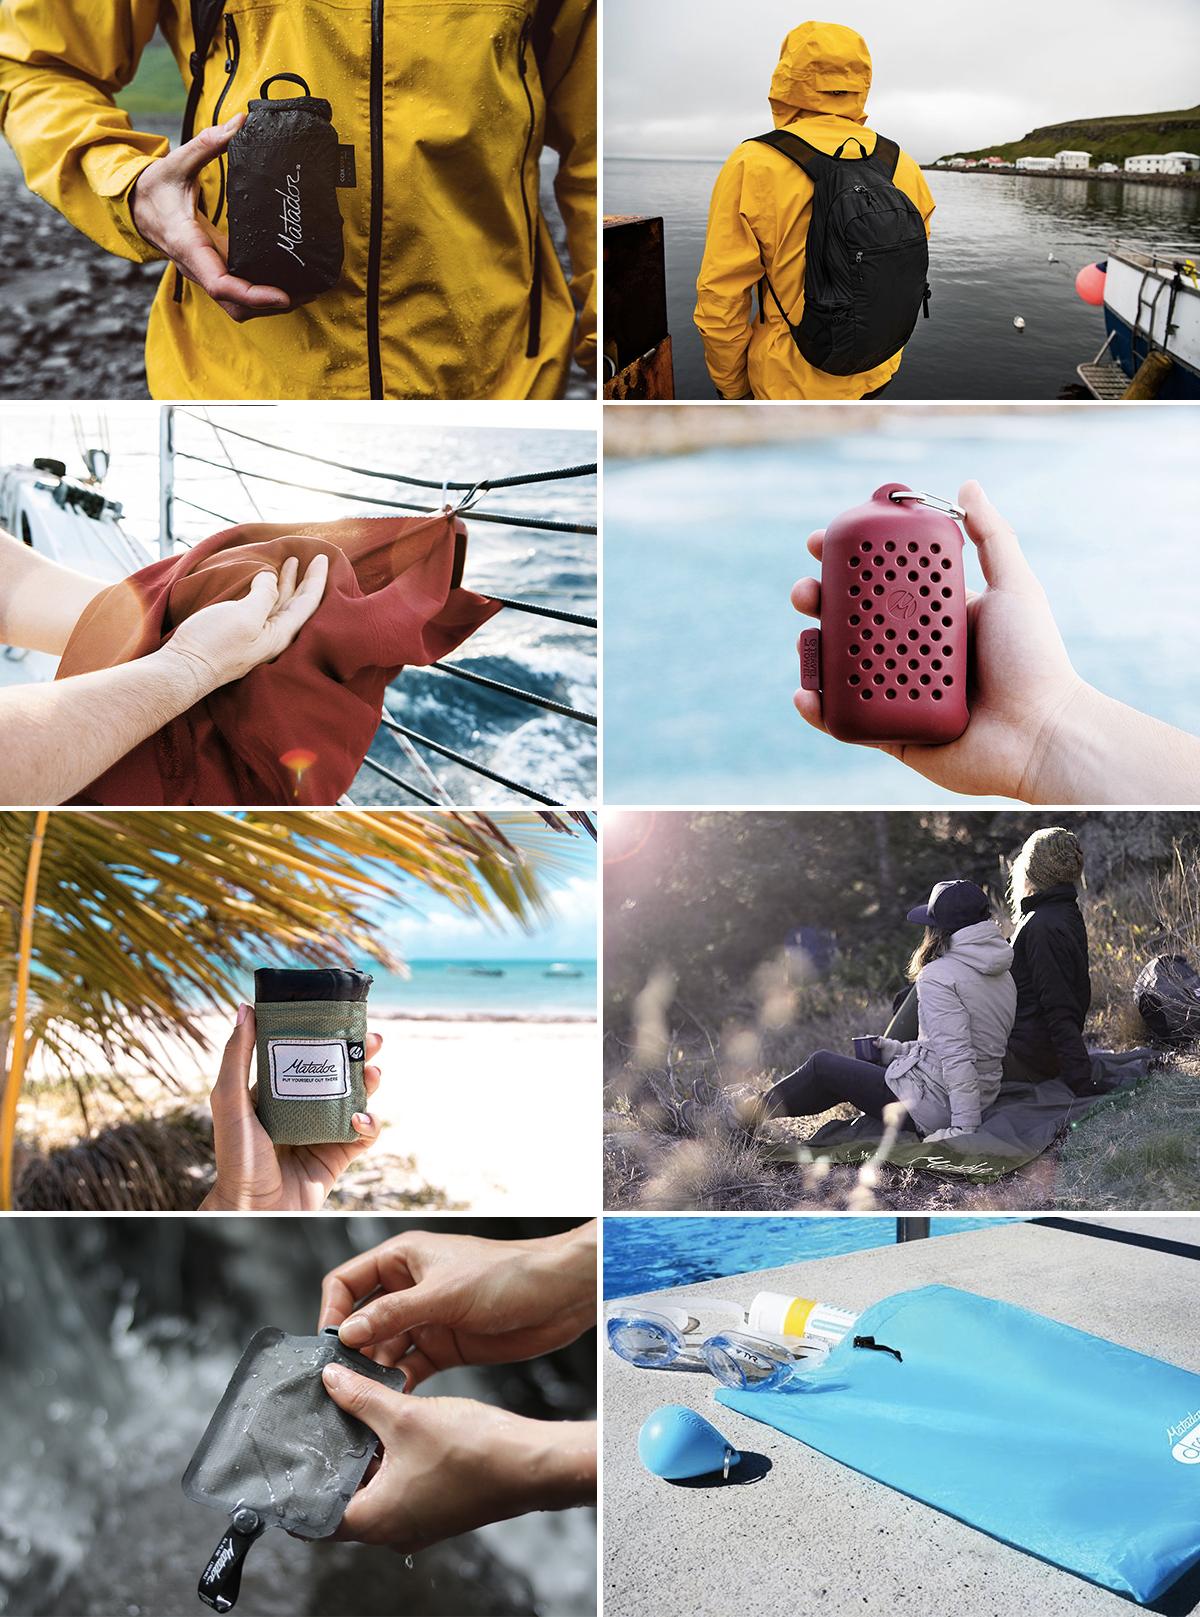 ブランドの原点のPOCKET BLANKET。いつでもどこでも気軽に広げられる手のひらサイズの撥水仕様のレジャーシート|Matador Freerain24 2.0